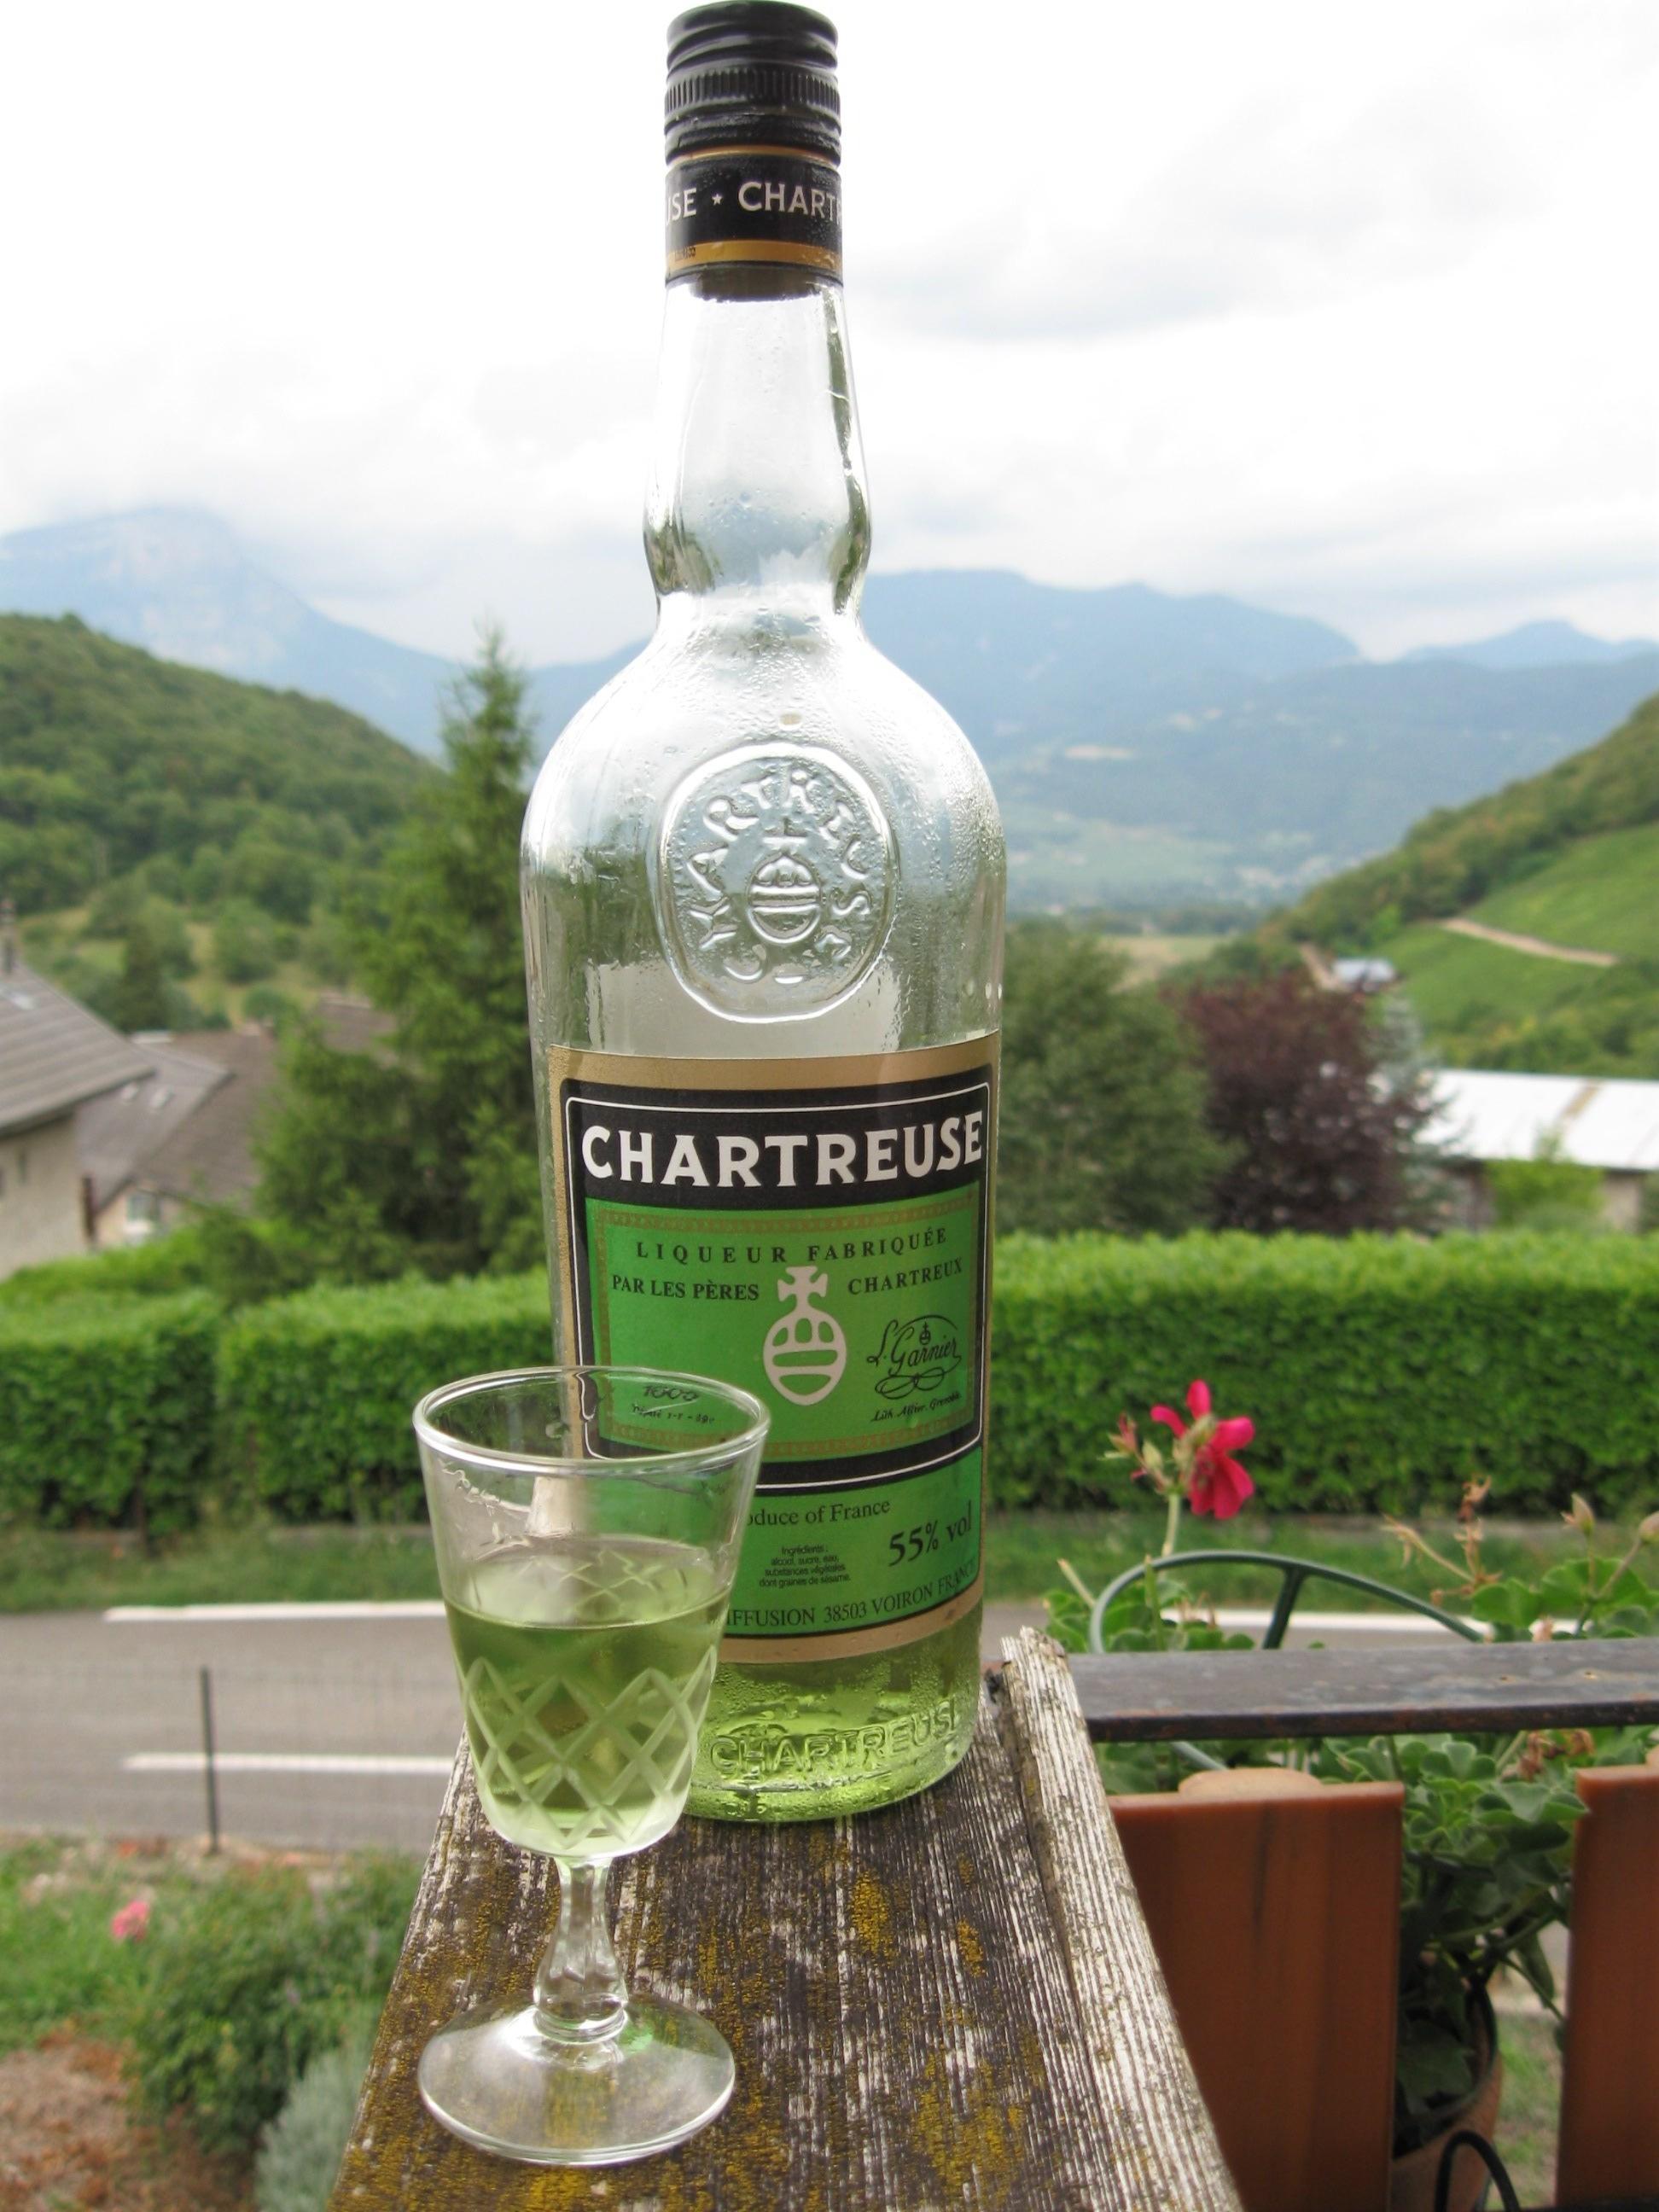 CHARTREUSE SUR FOND DE CHARTREUSE